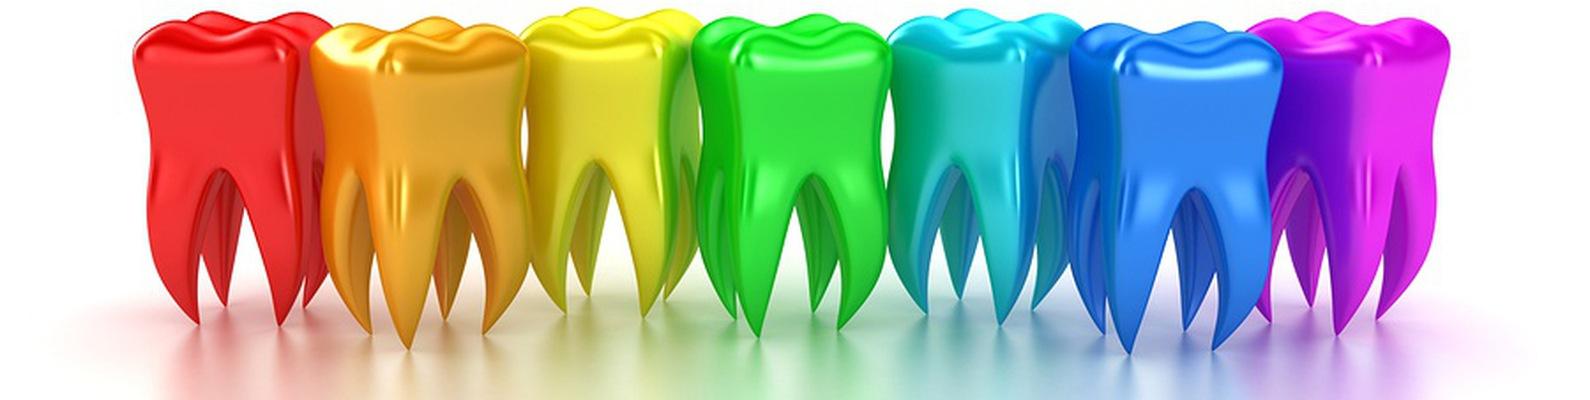 зубы картинка для презентации нам остается